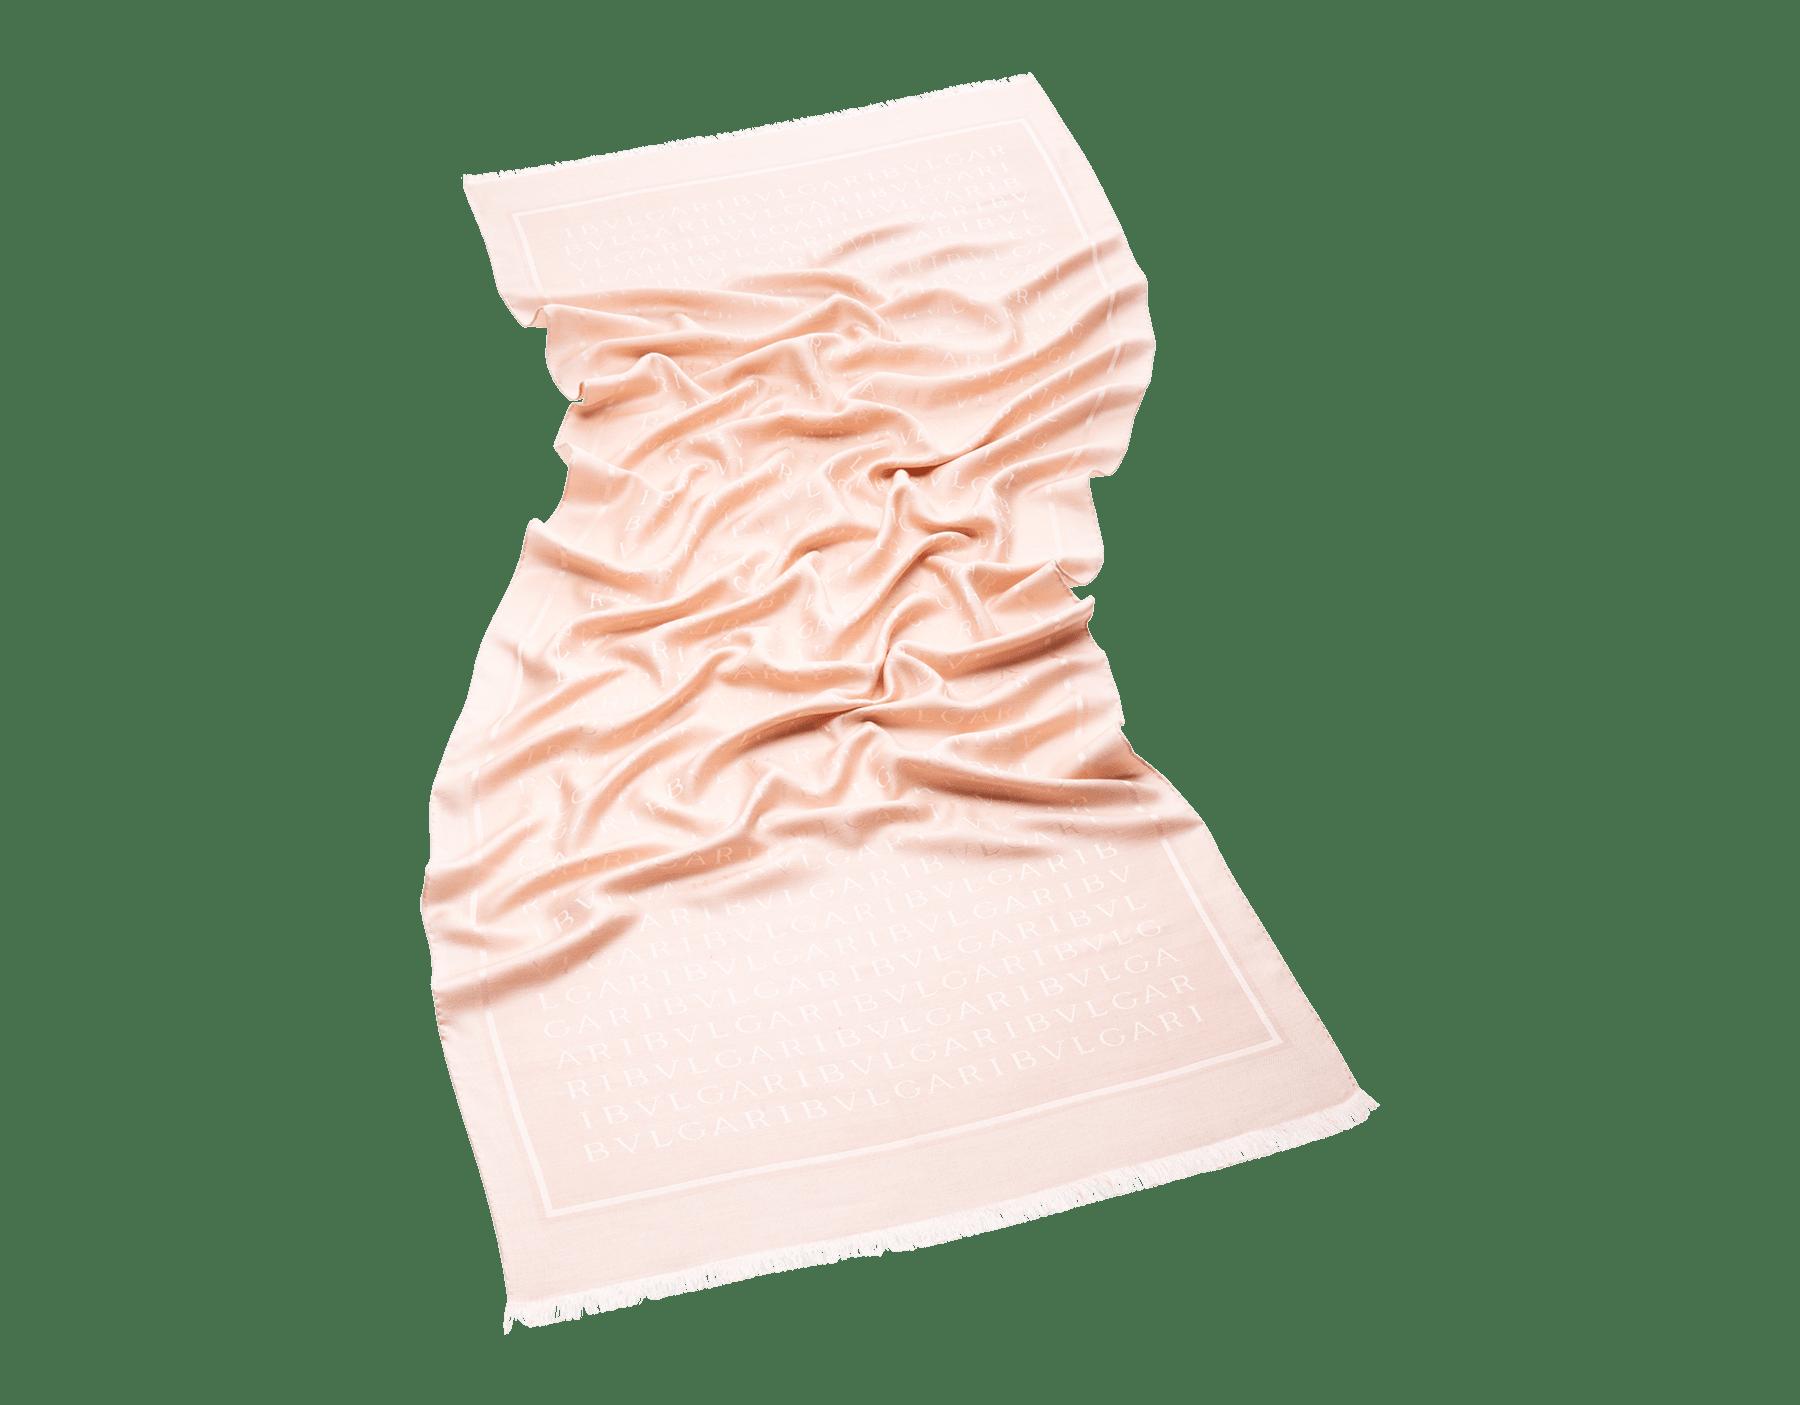 ミメティックジェイドのレッテレ マキシ ストール。上質なシルクウール製。 LETTEREMAXIa image 1